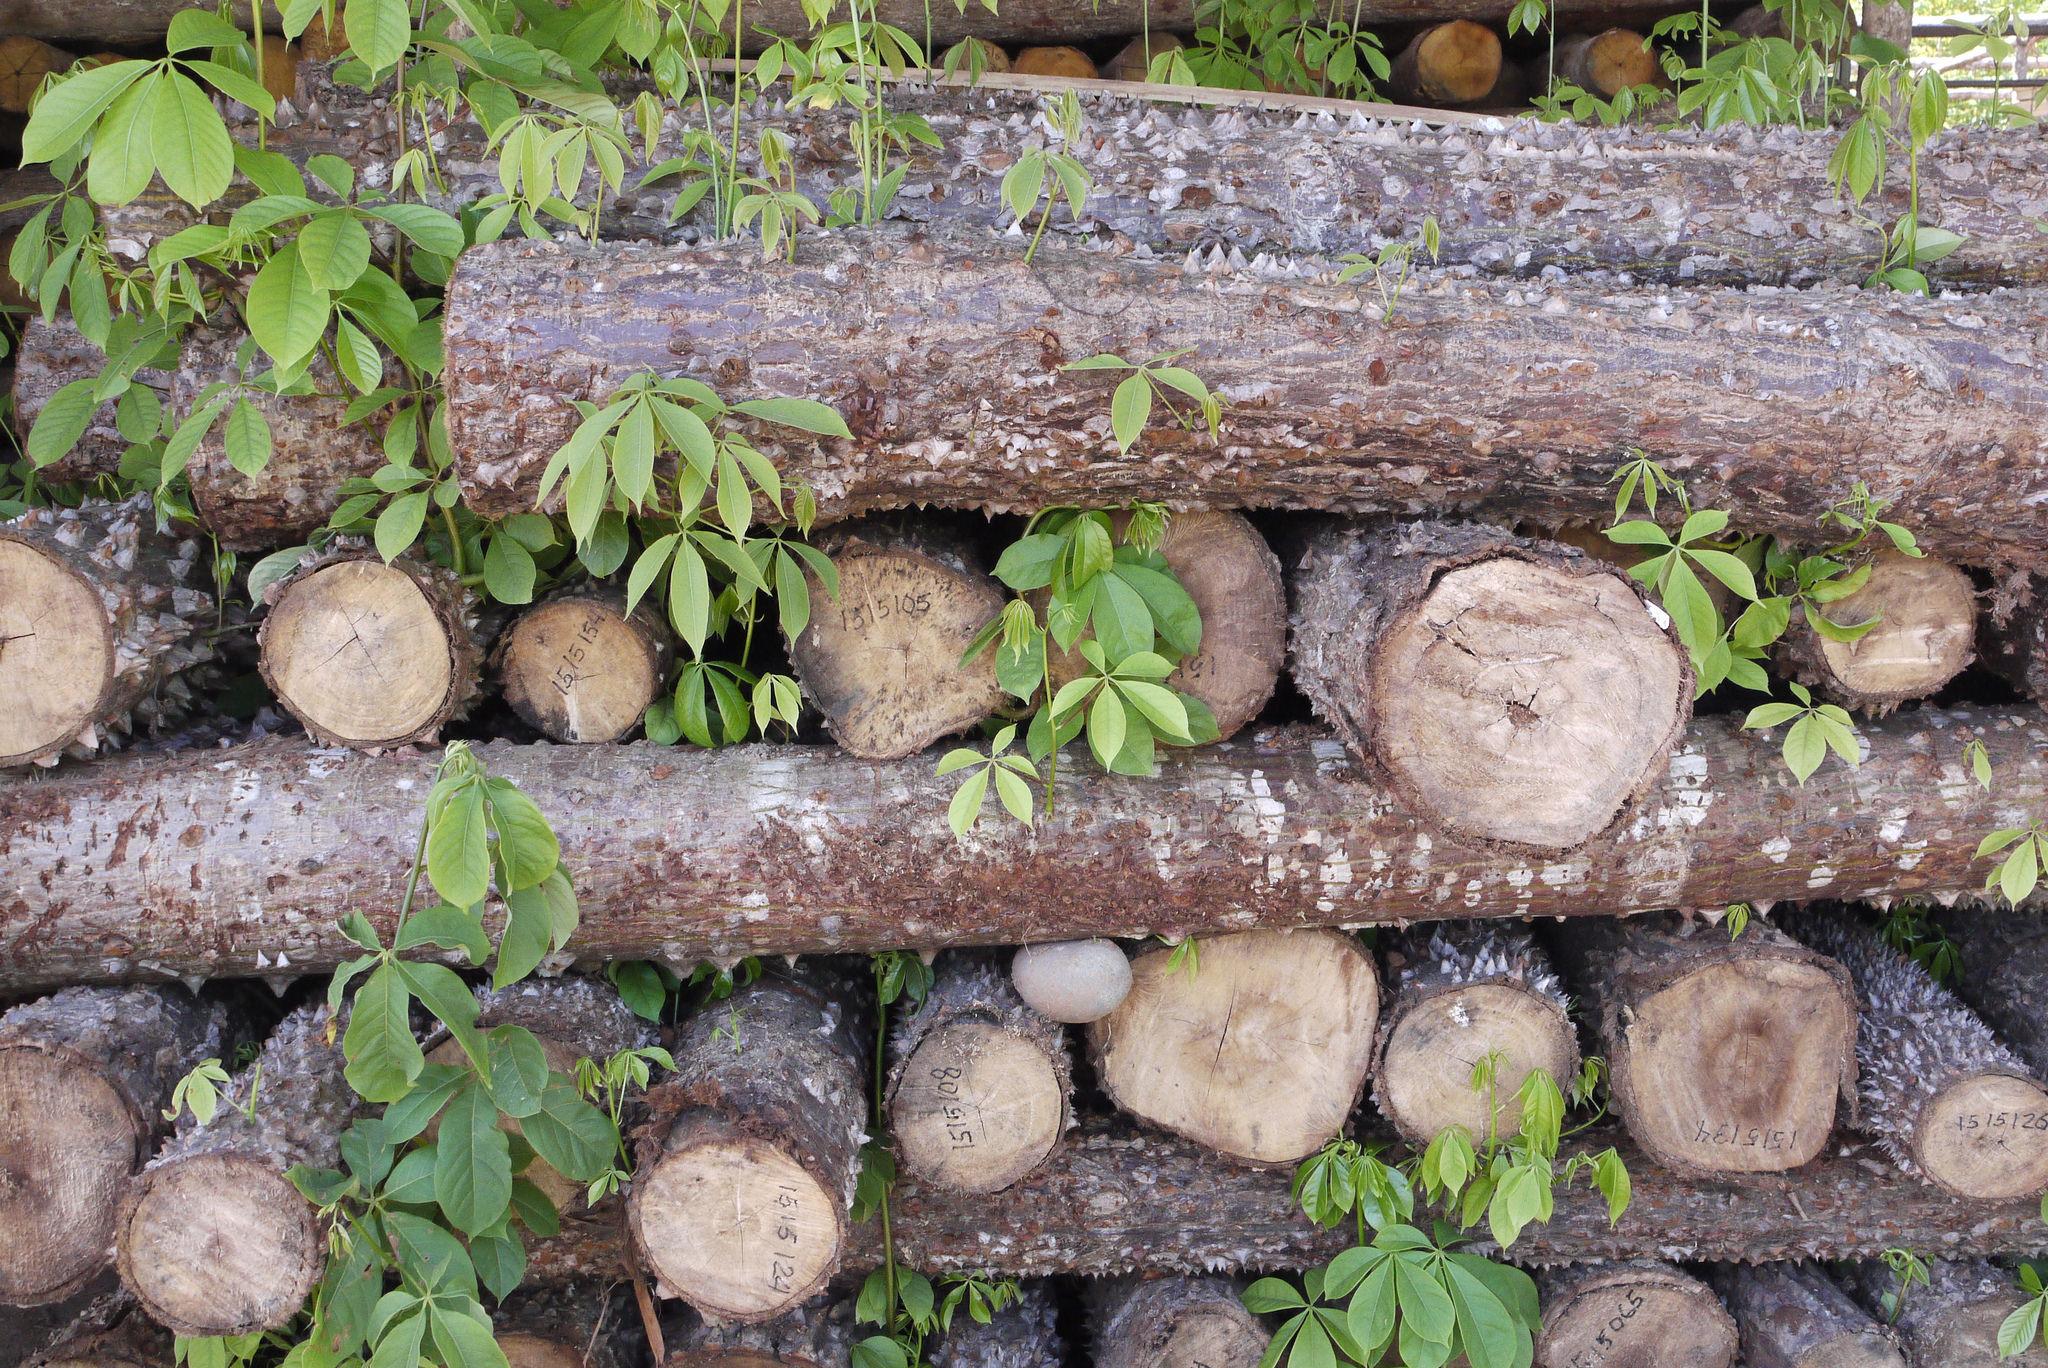 Entnommenes aus Holz aus einem Neutzwald